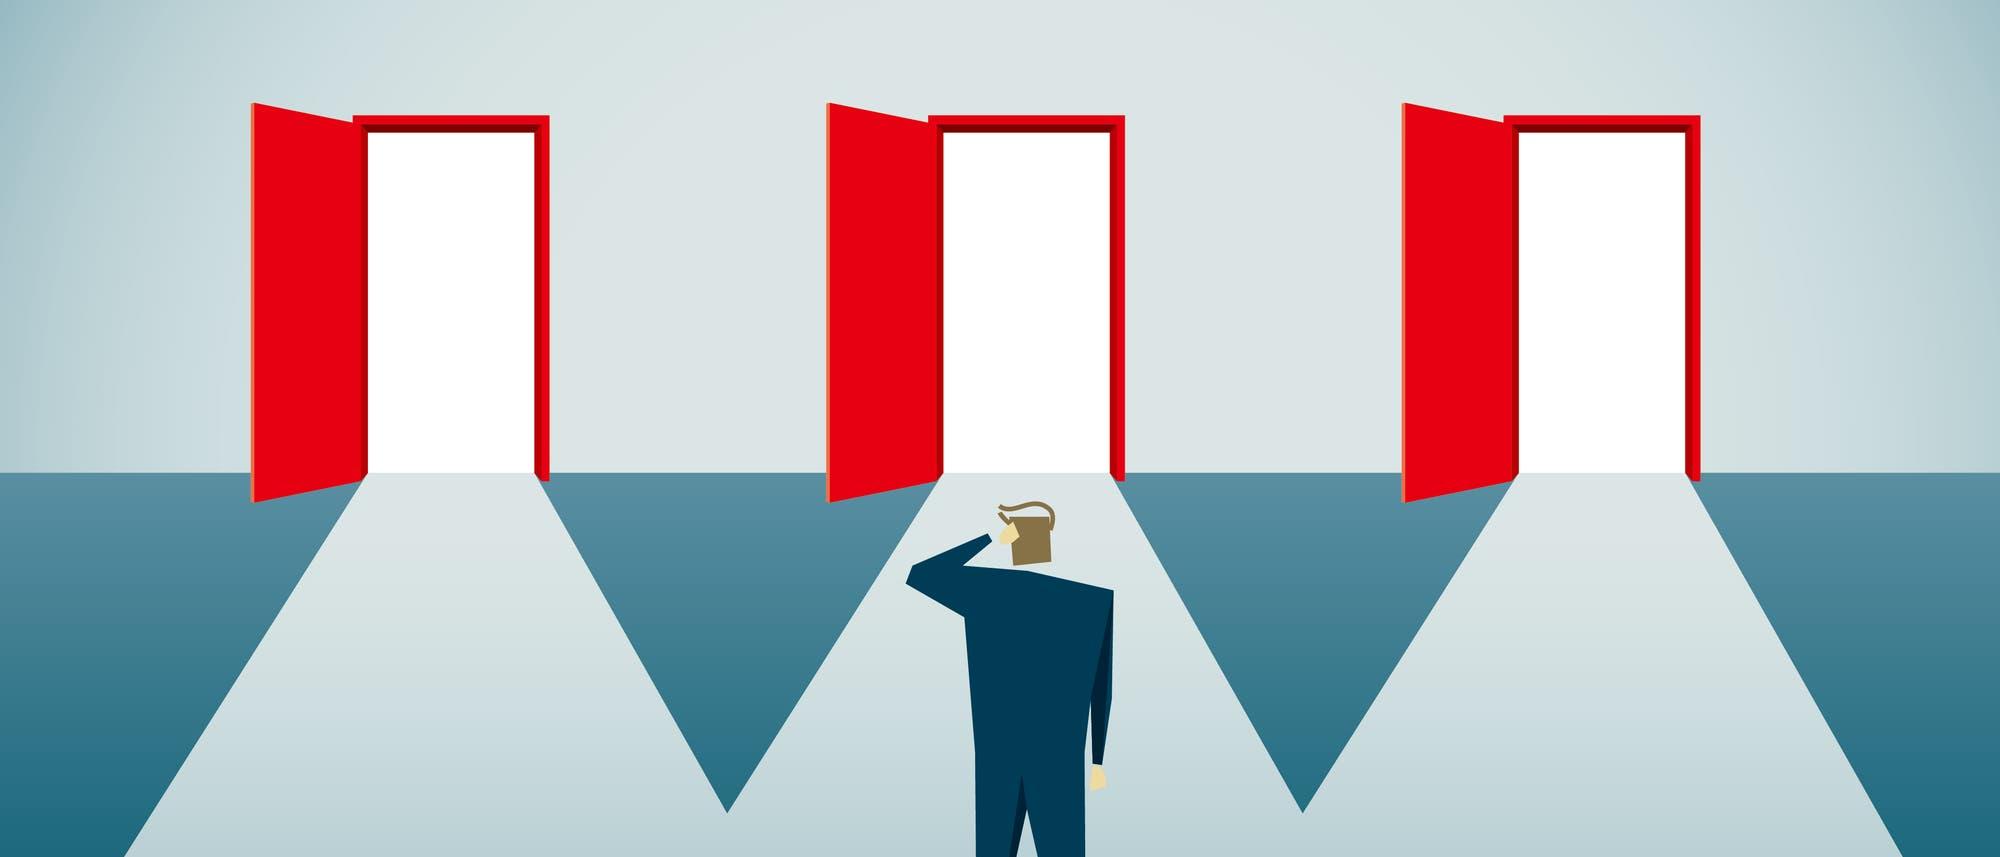 Mann muss sich zwischen drei Türen entscheiden